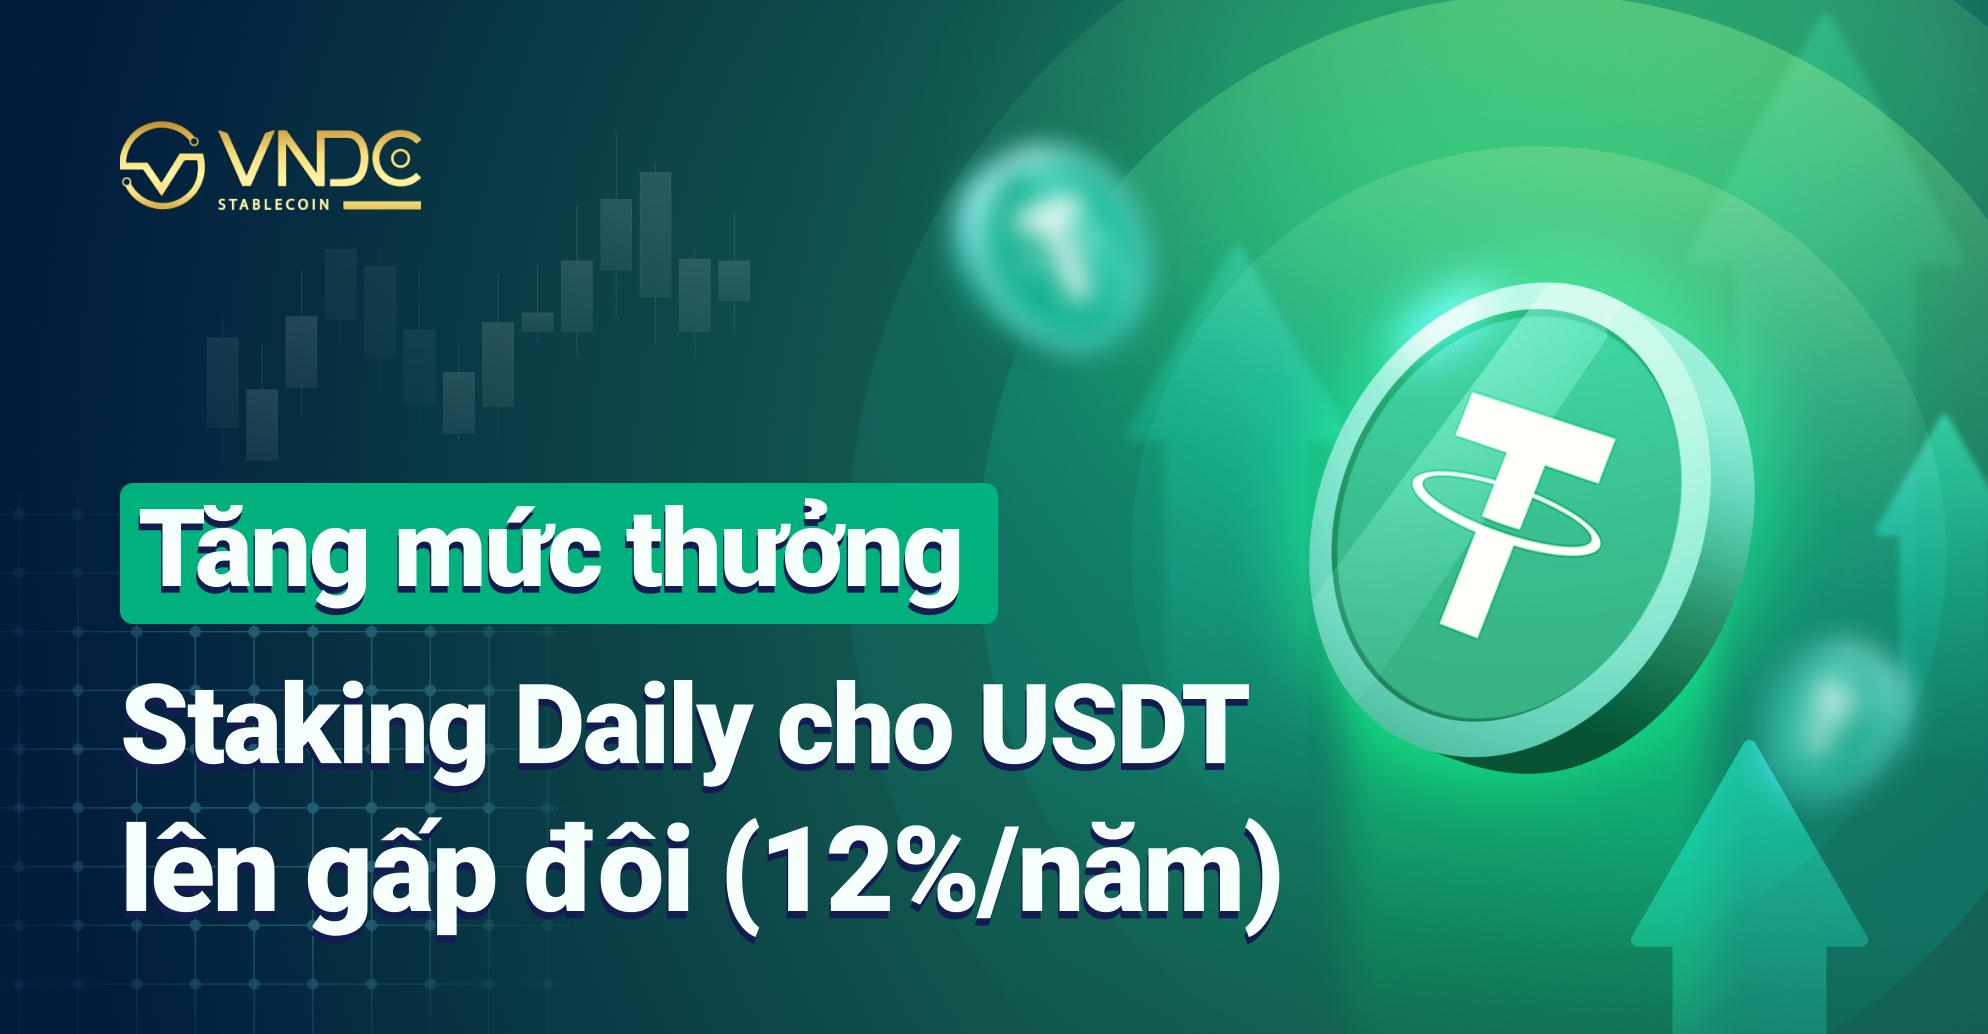 Tăng mức thưởng Staking Daily cho USDT lên gấp đôi (12%/năm)